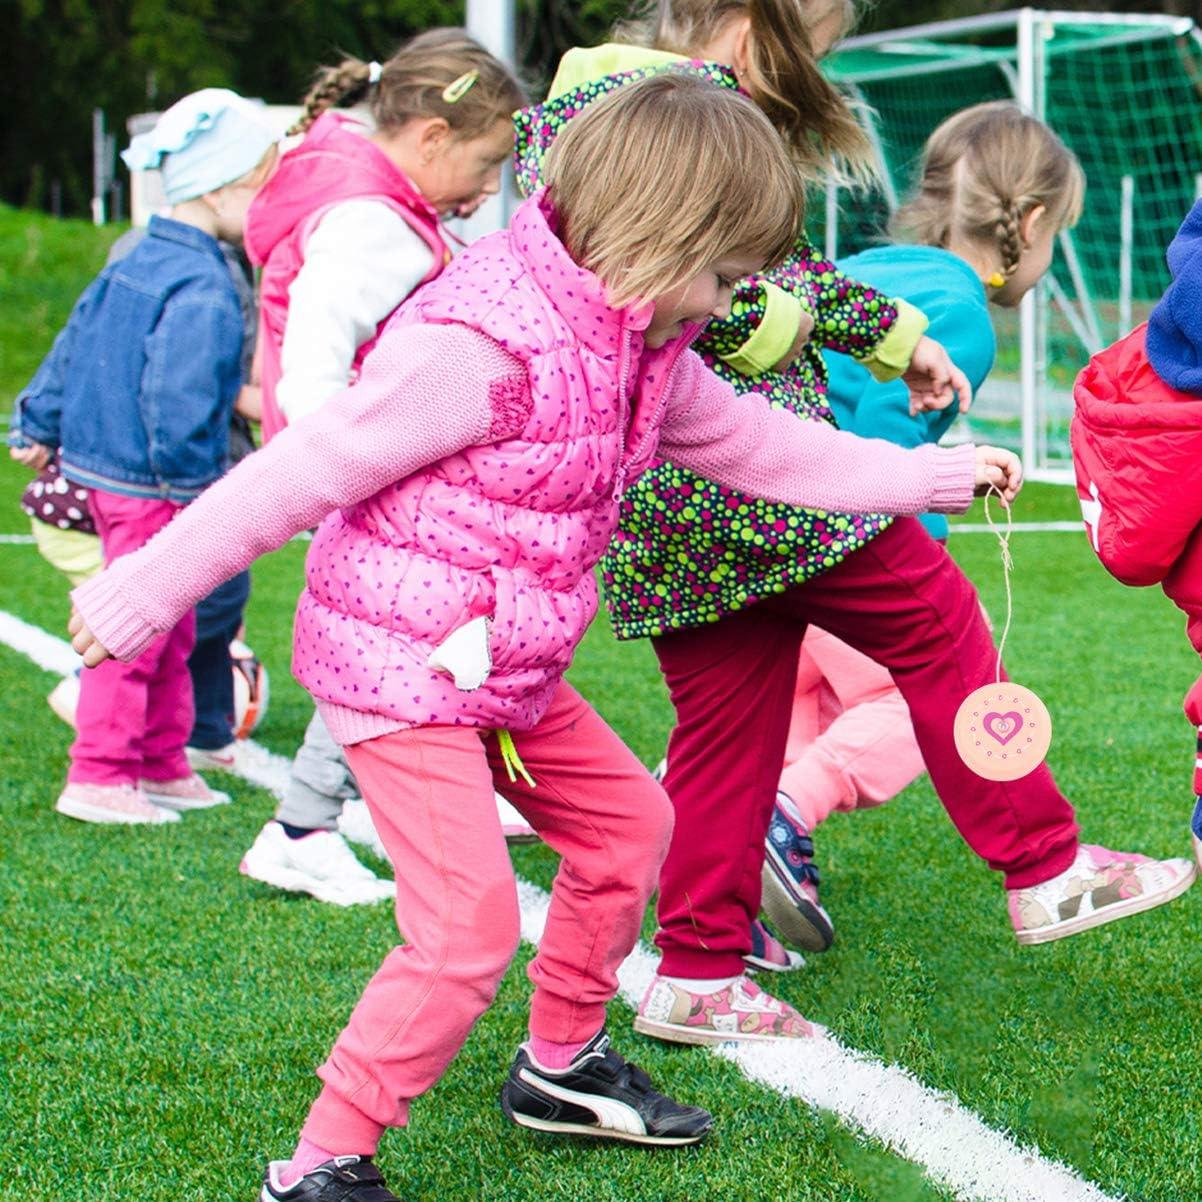 STOBOK 3 giocattoli in legno Yoyo rosa cuore Yoyo palline gioco divertente bambini Party Favors